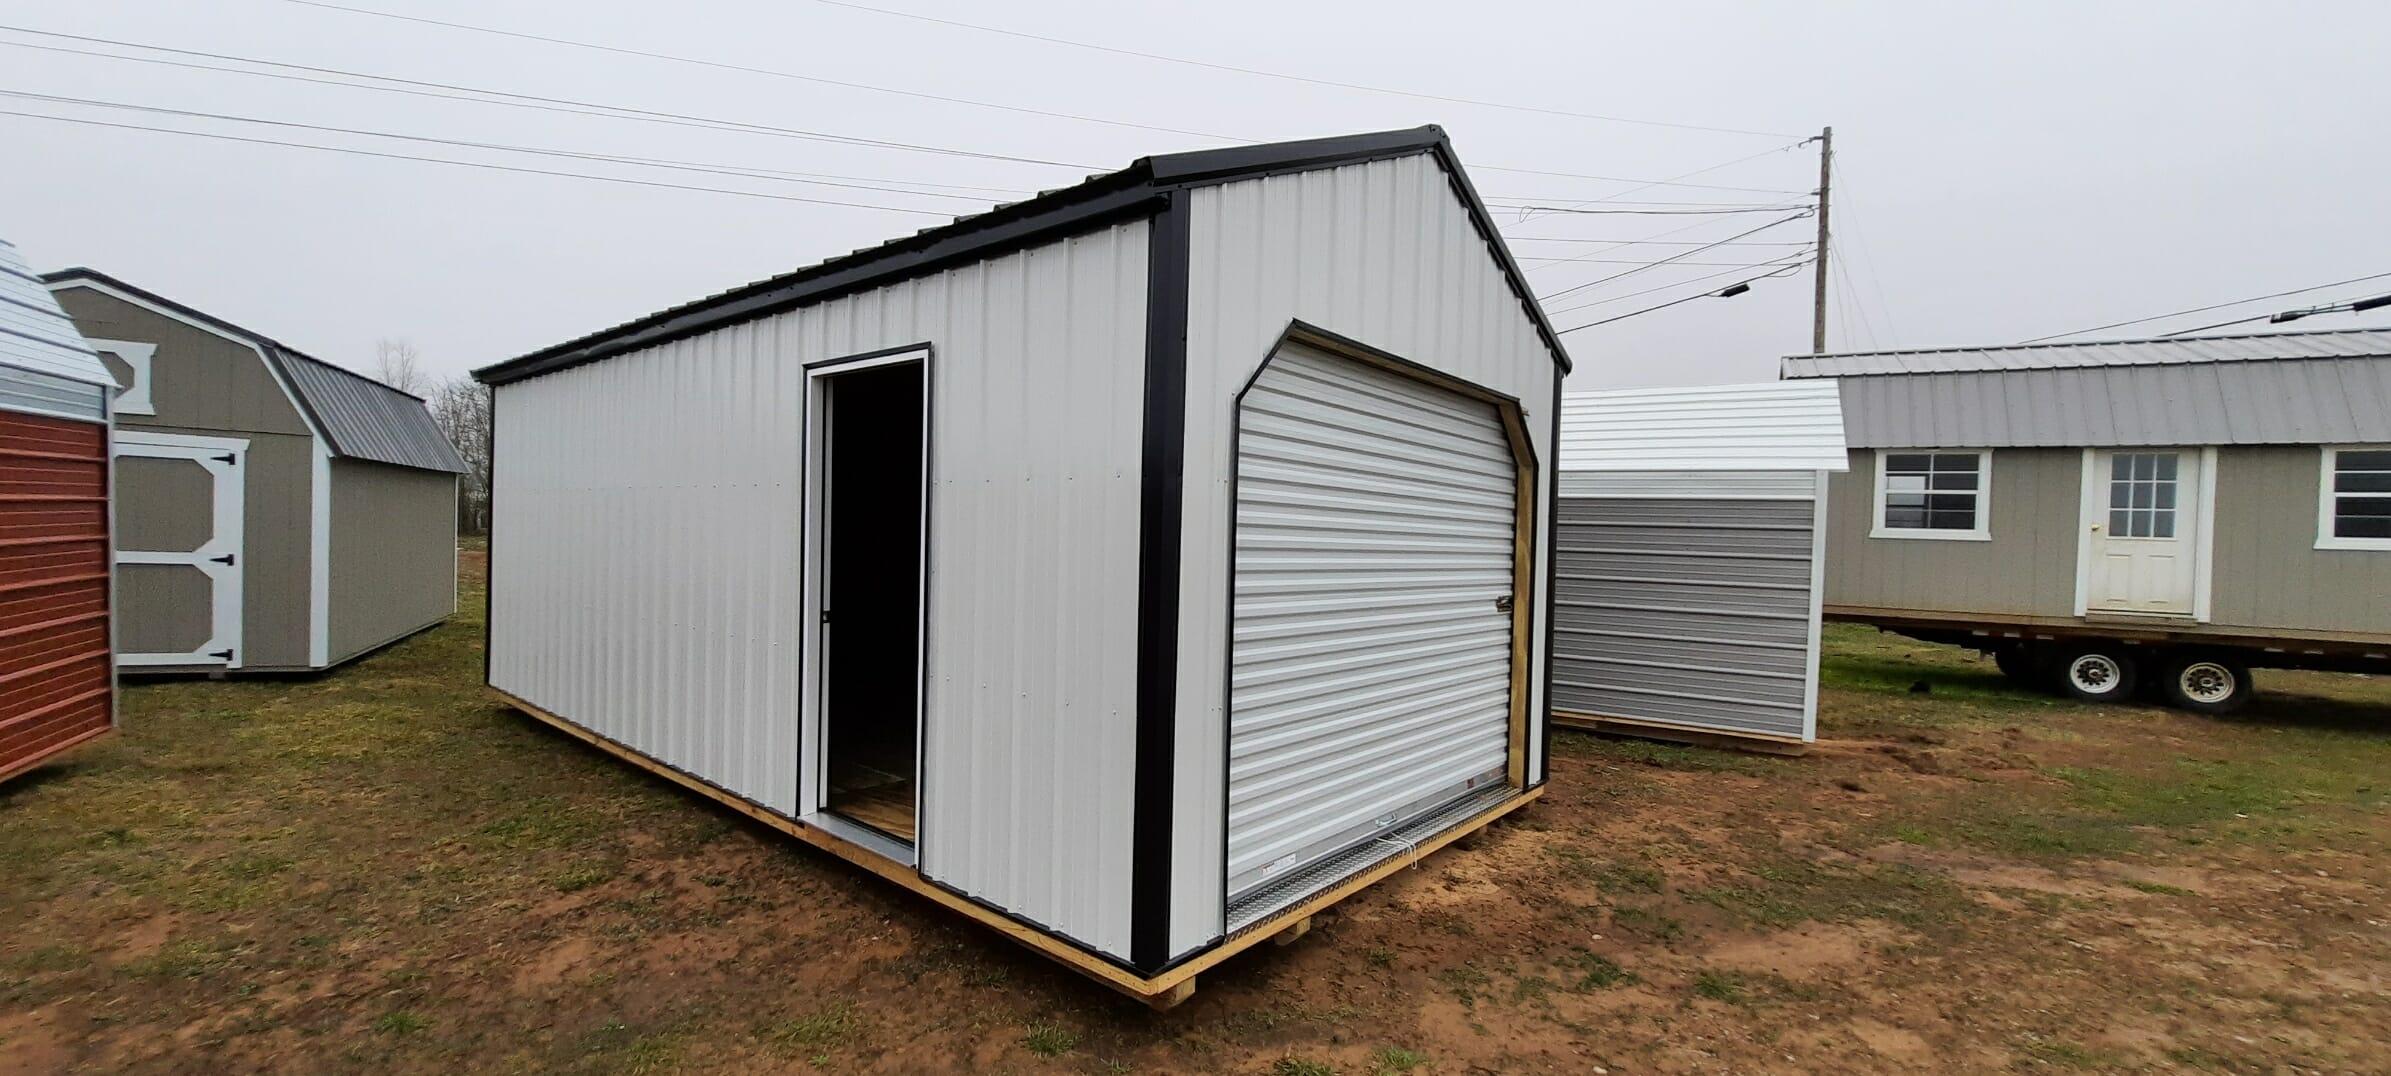 12 x 24 Garage- VGM513